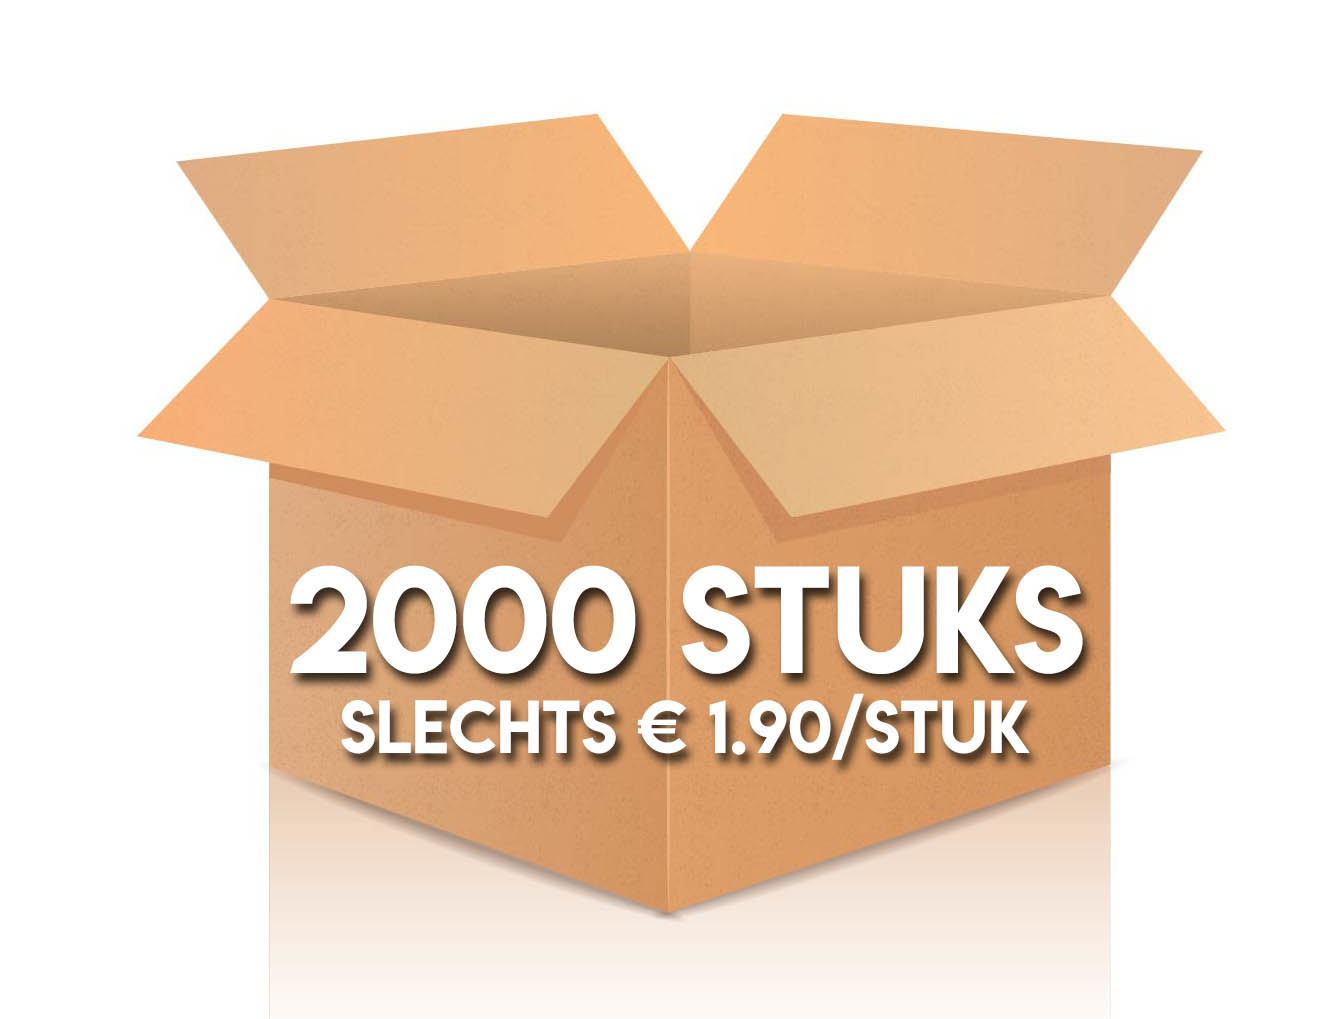 2000 stuks